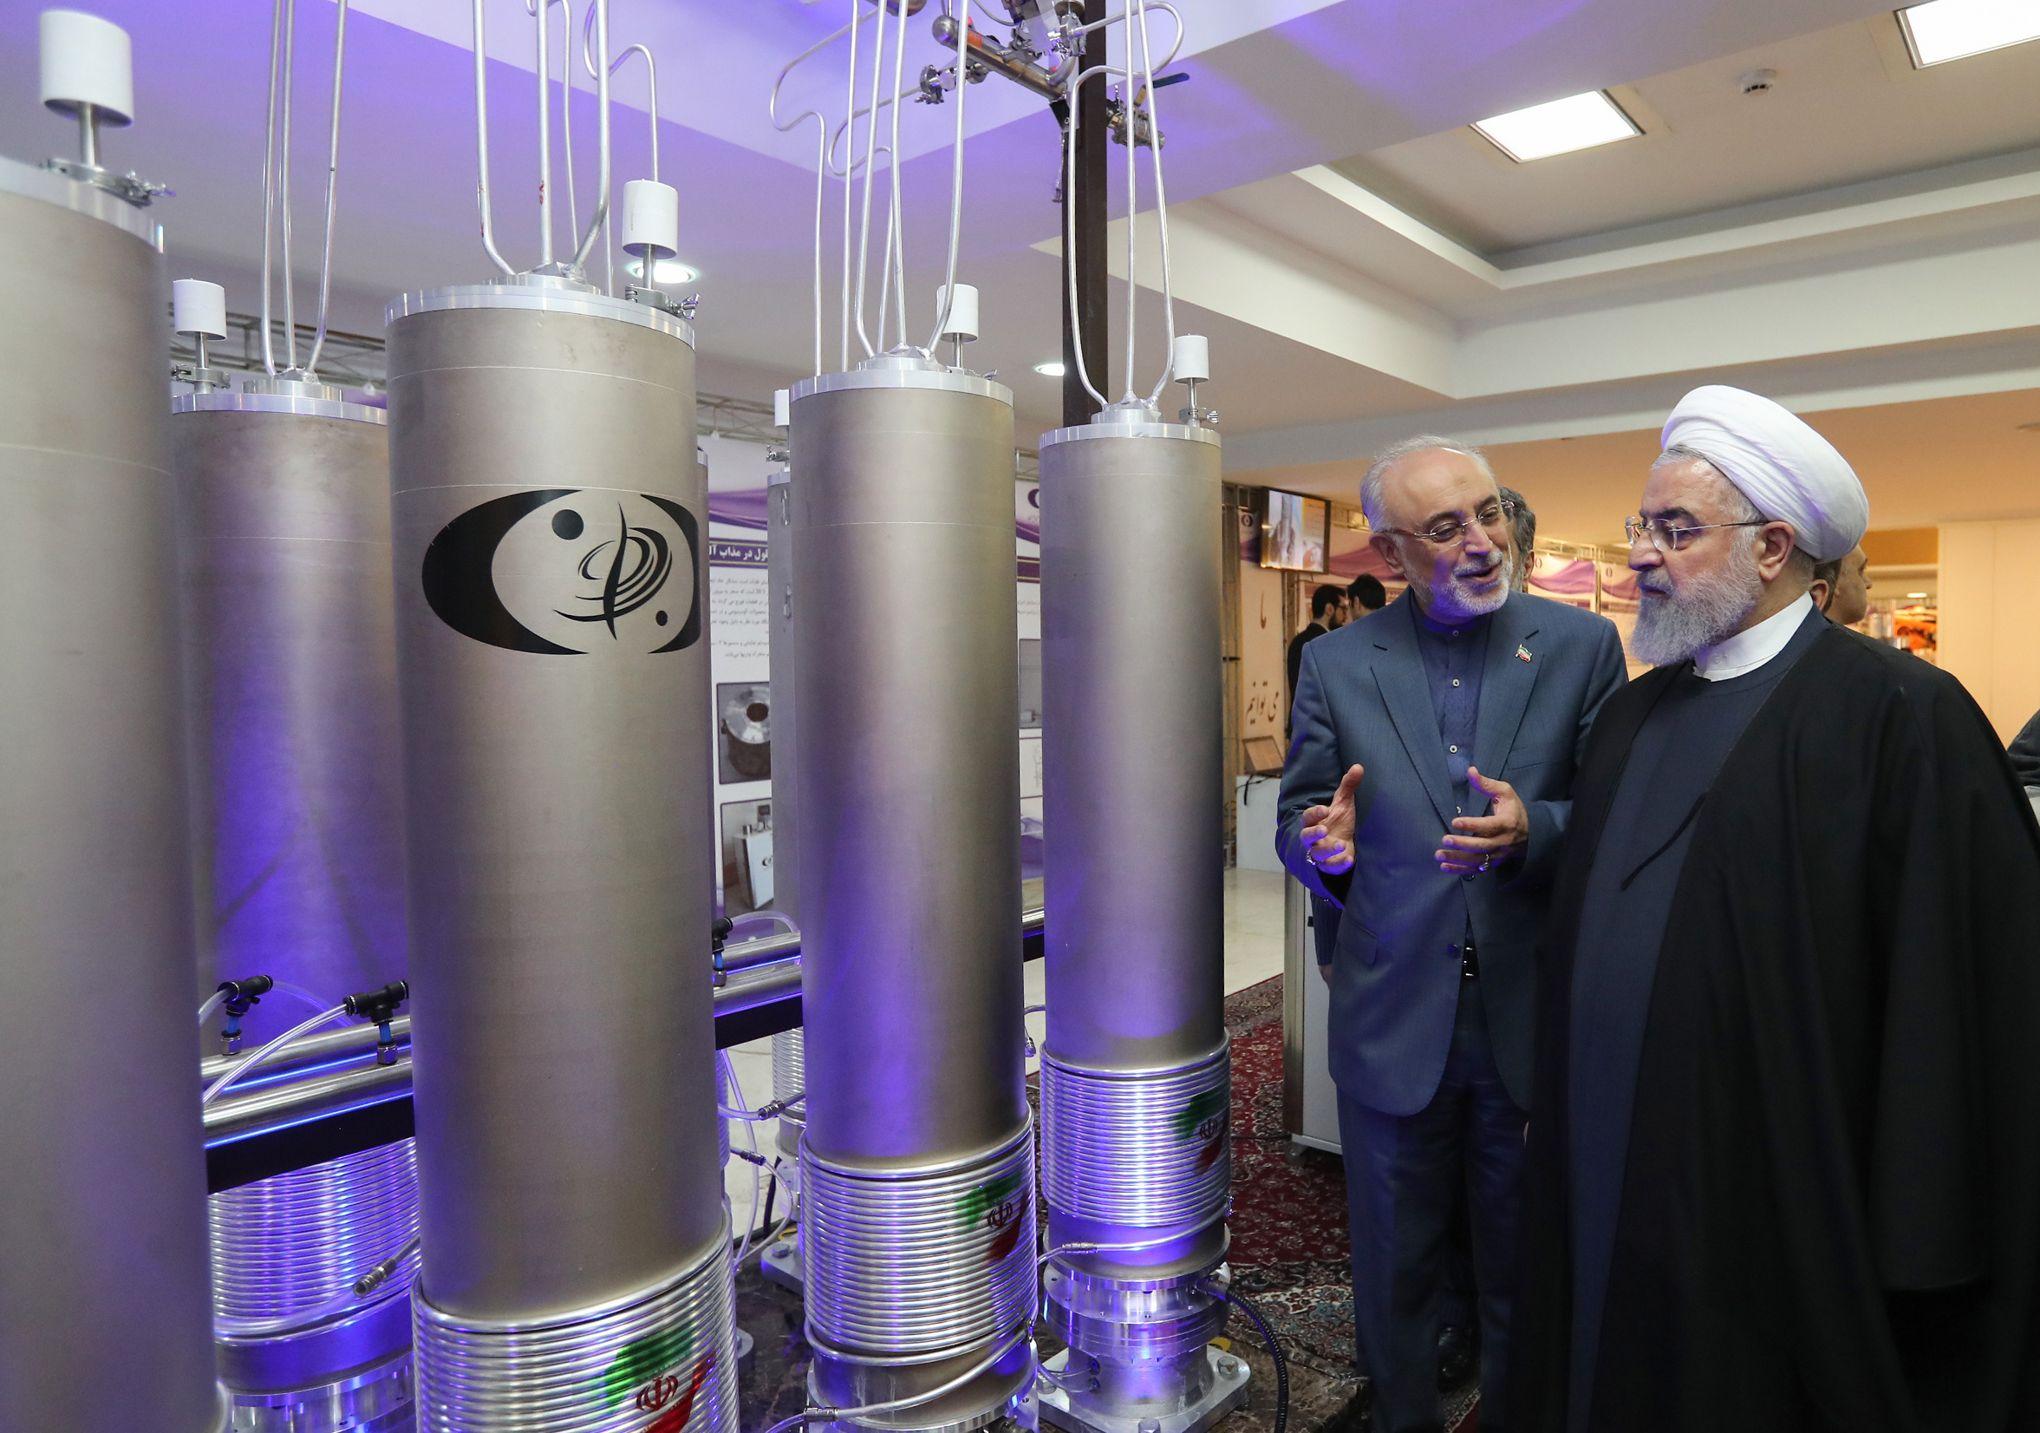 Nucléaire iranien: les Européens tirent la sonnette d'alarme